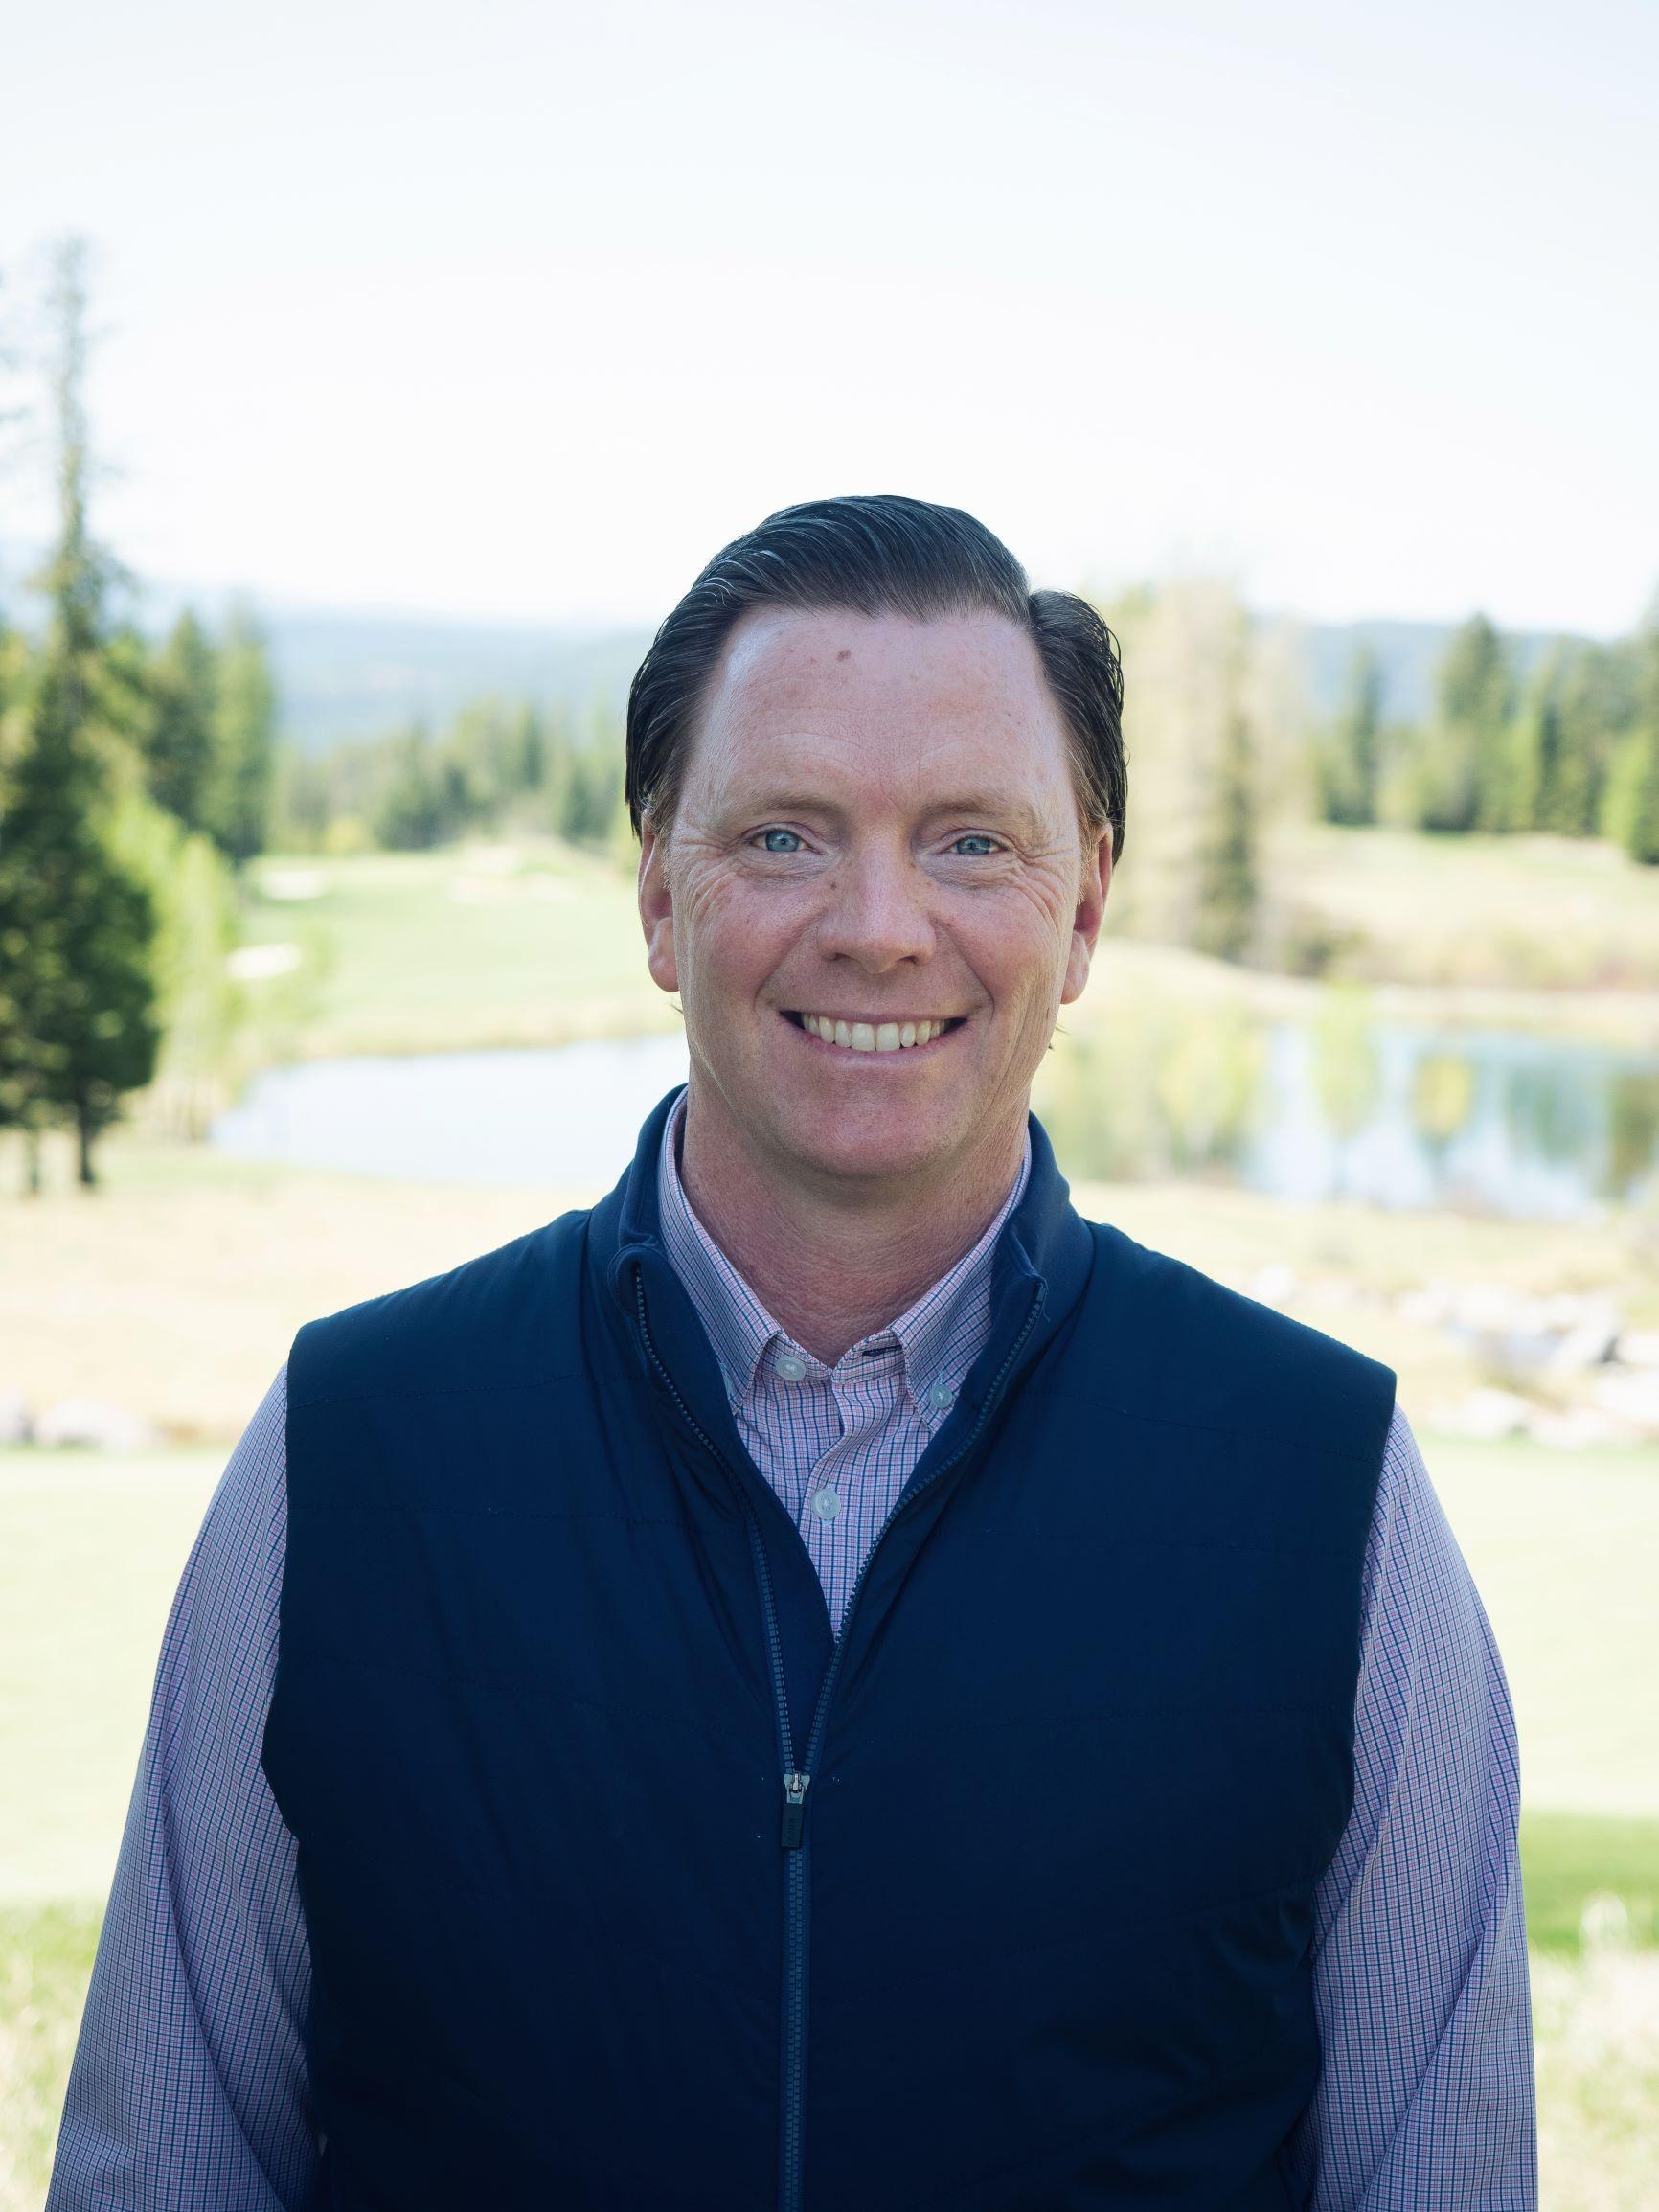 Brandon Dixon, PGA